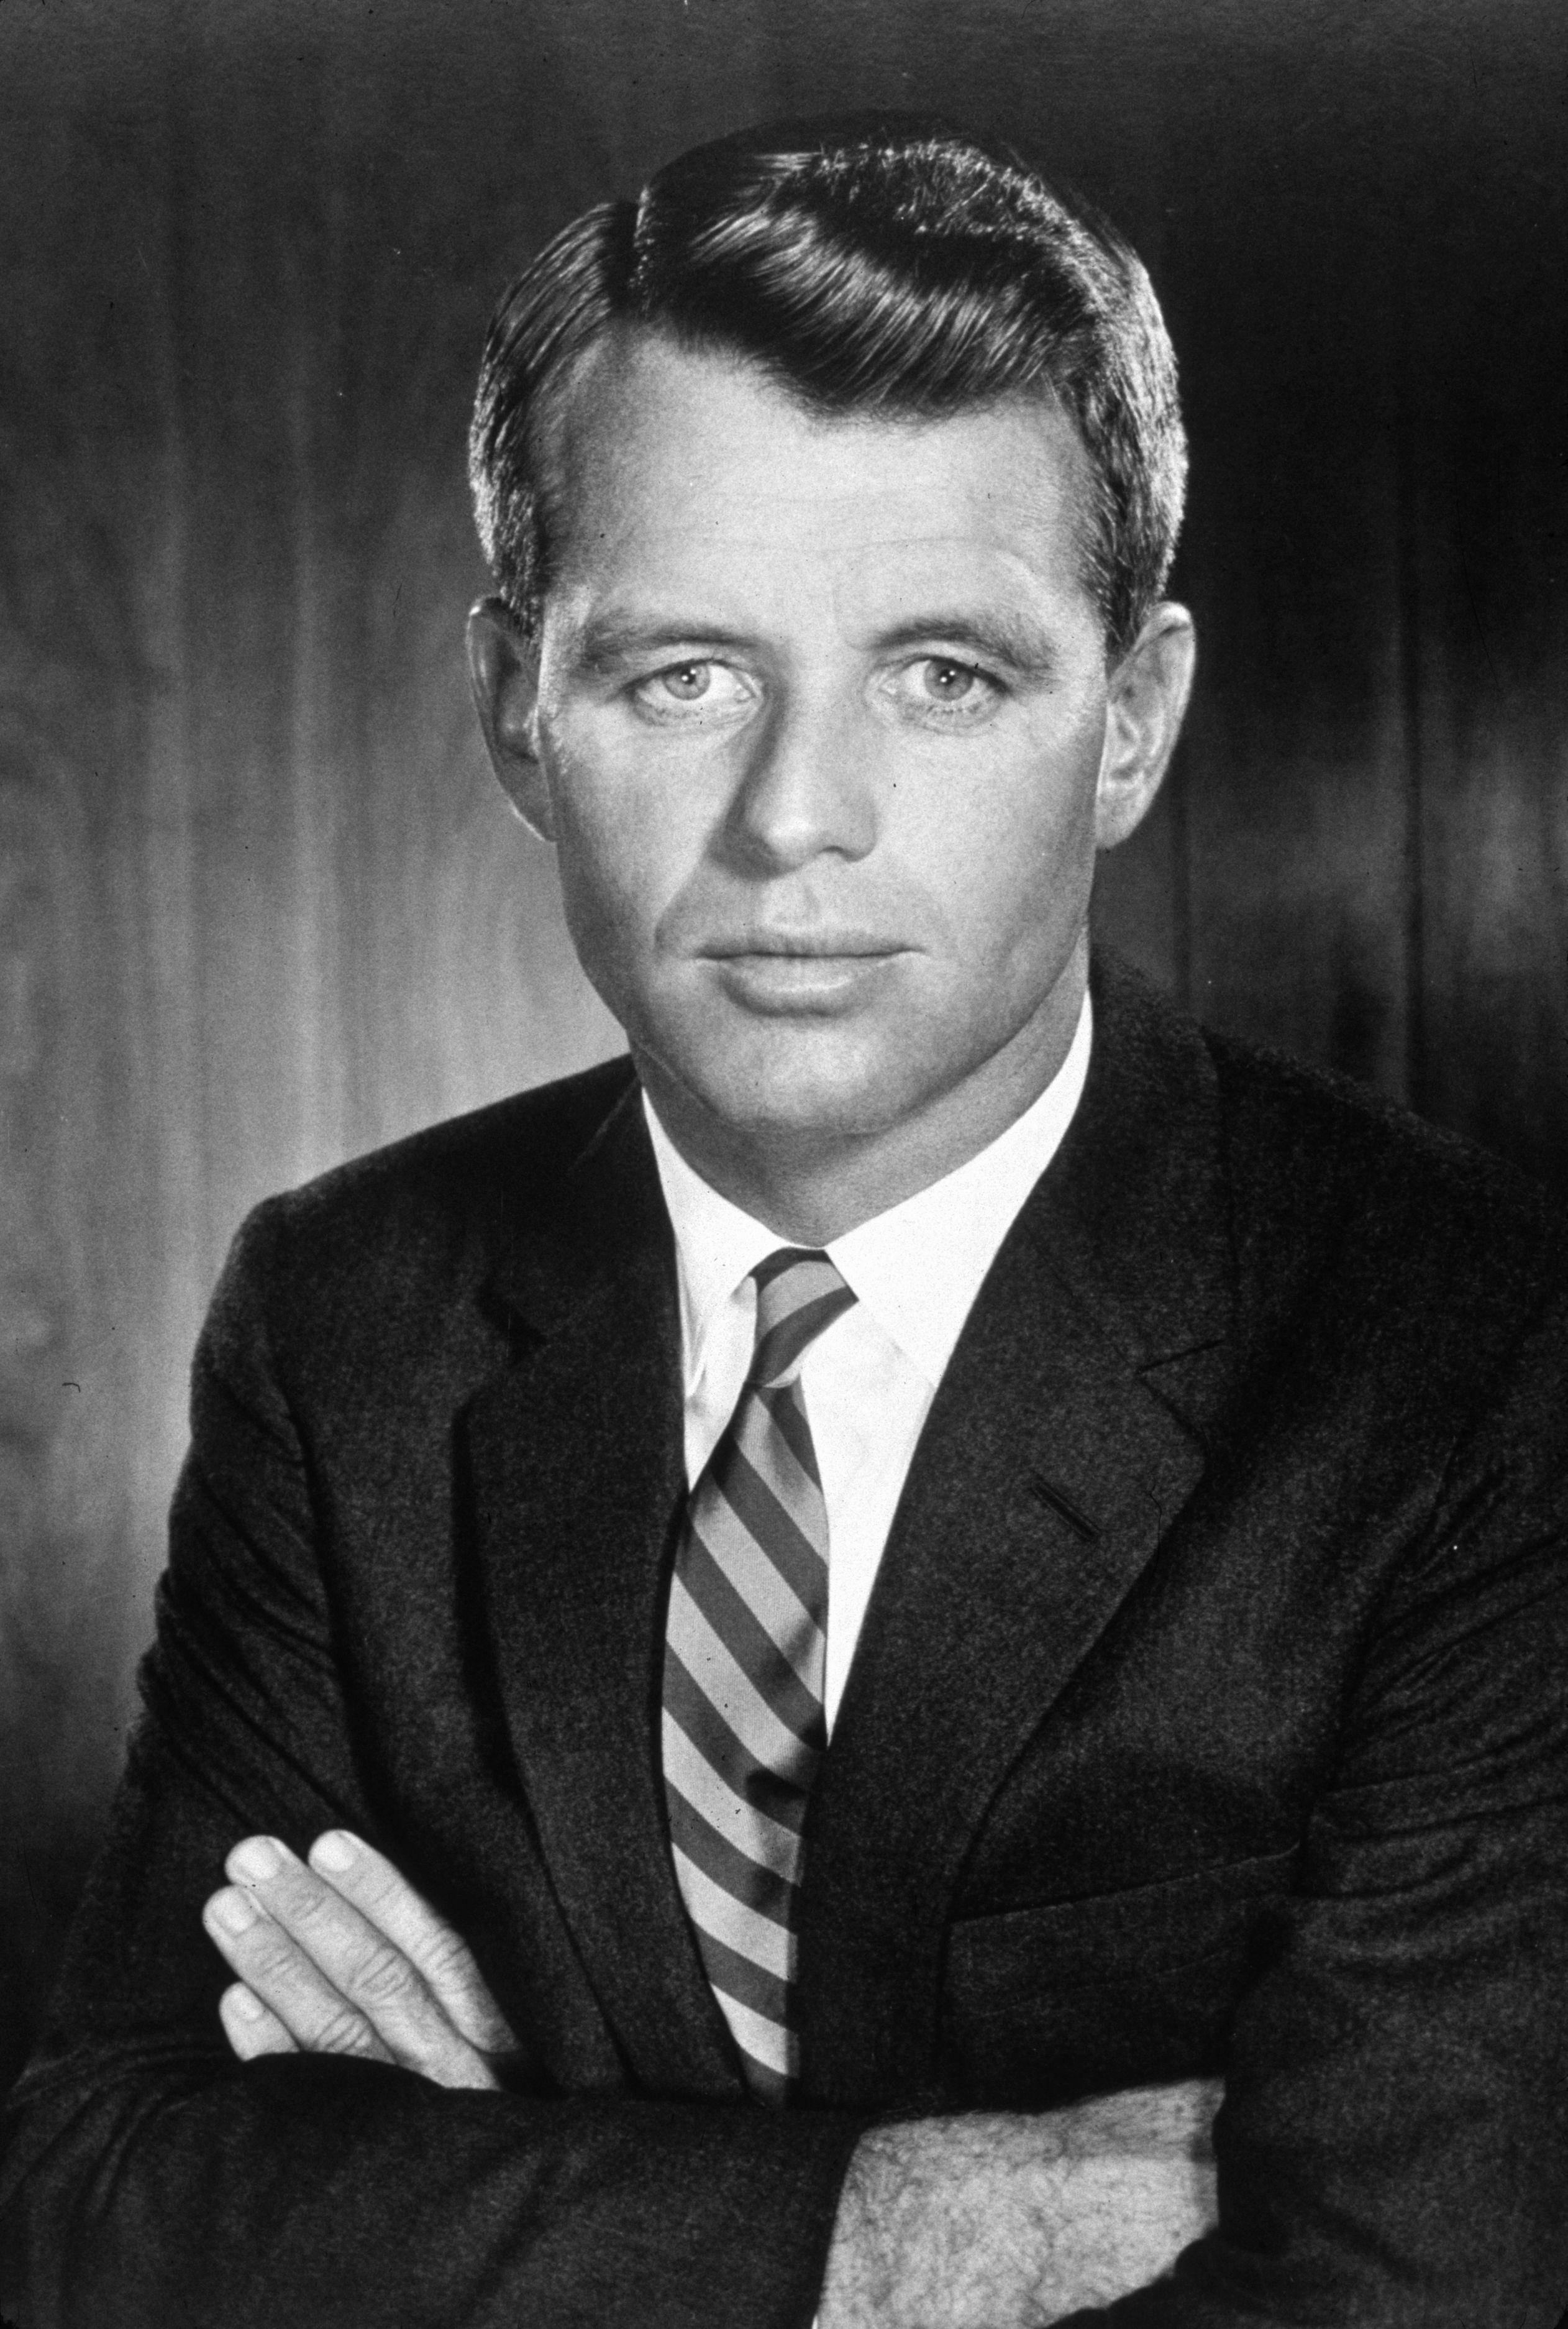 Assassination of Robert Kennedy Robert Kennedy Assassination